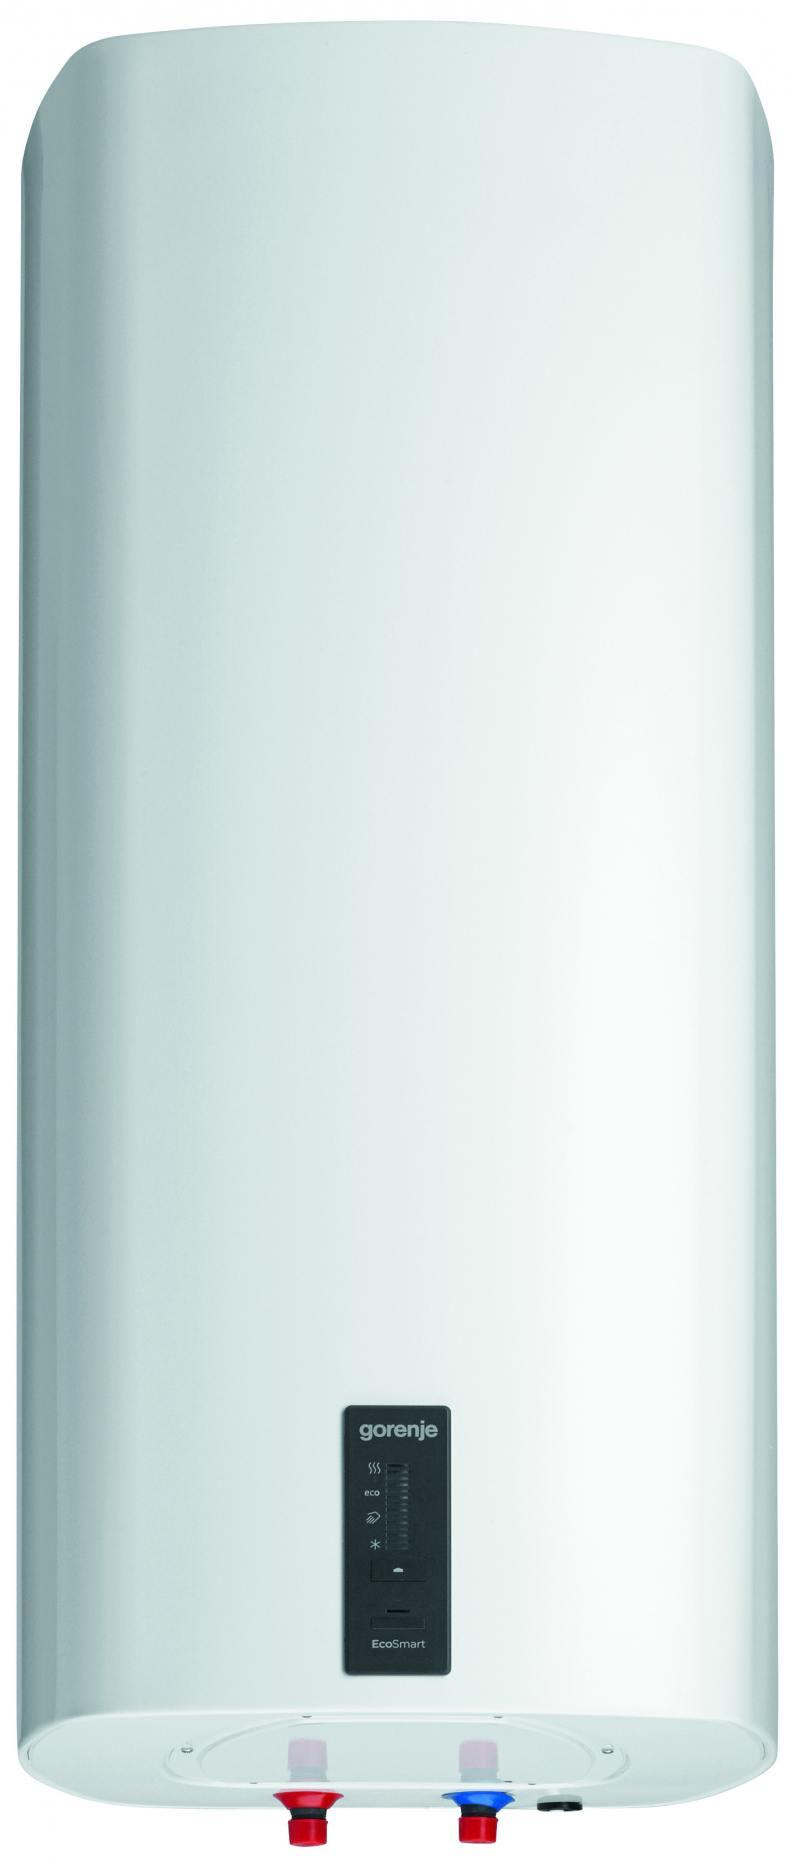 Водонагреватель накопительный Gorenje OTGS80SMB6 80л 2кВт белый gorenje hbx485qw черно белый